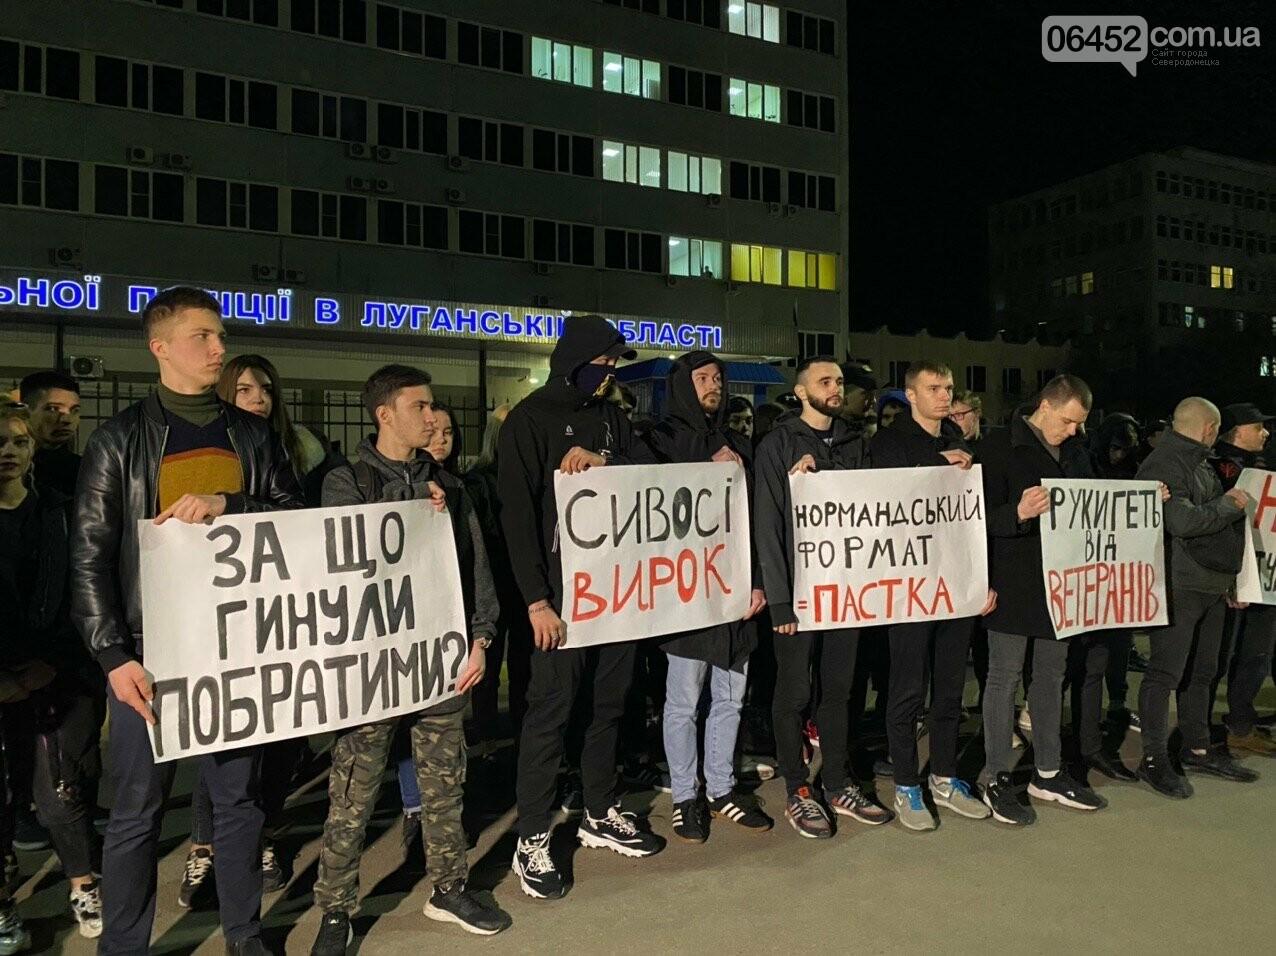 В Северодонецке прошла акция Нацкорпуса против ареста активистов, фото-3